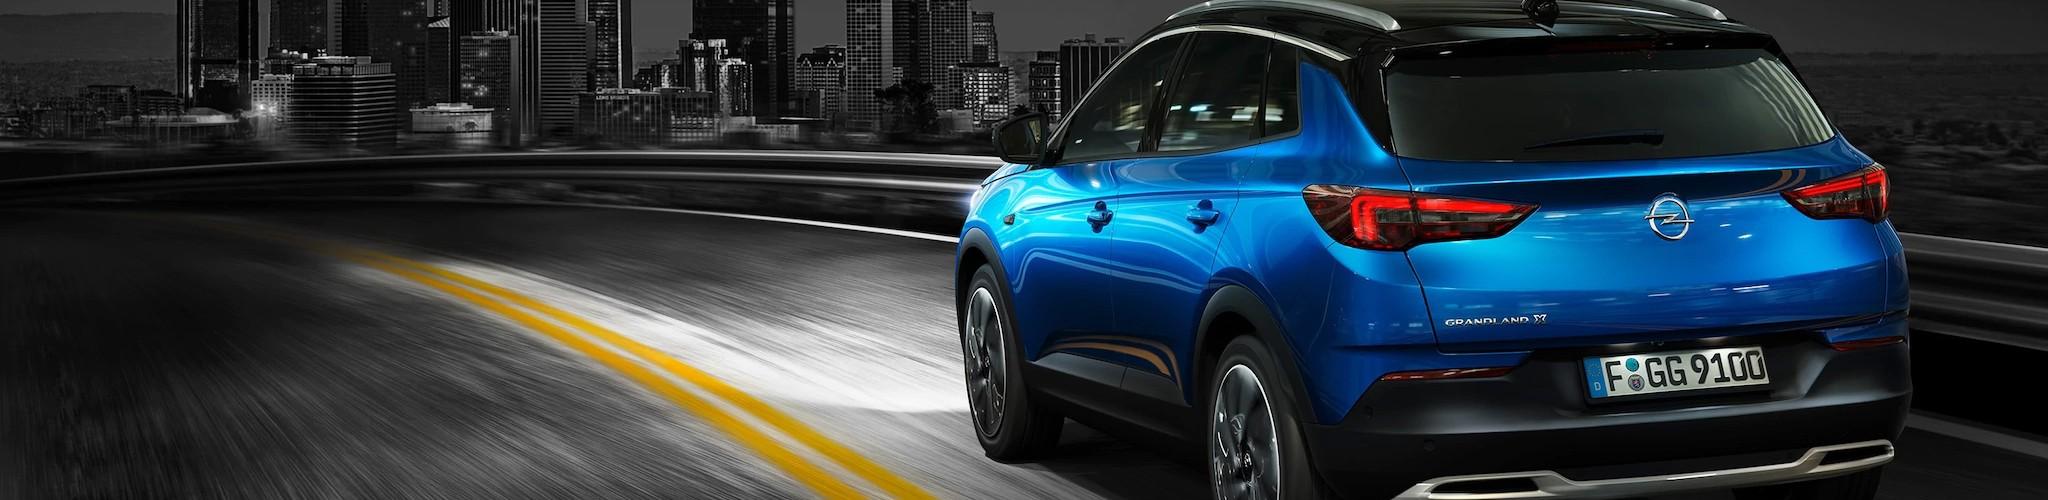 Opel_grandland_x_exterior_5